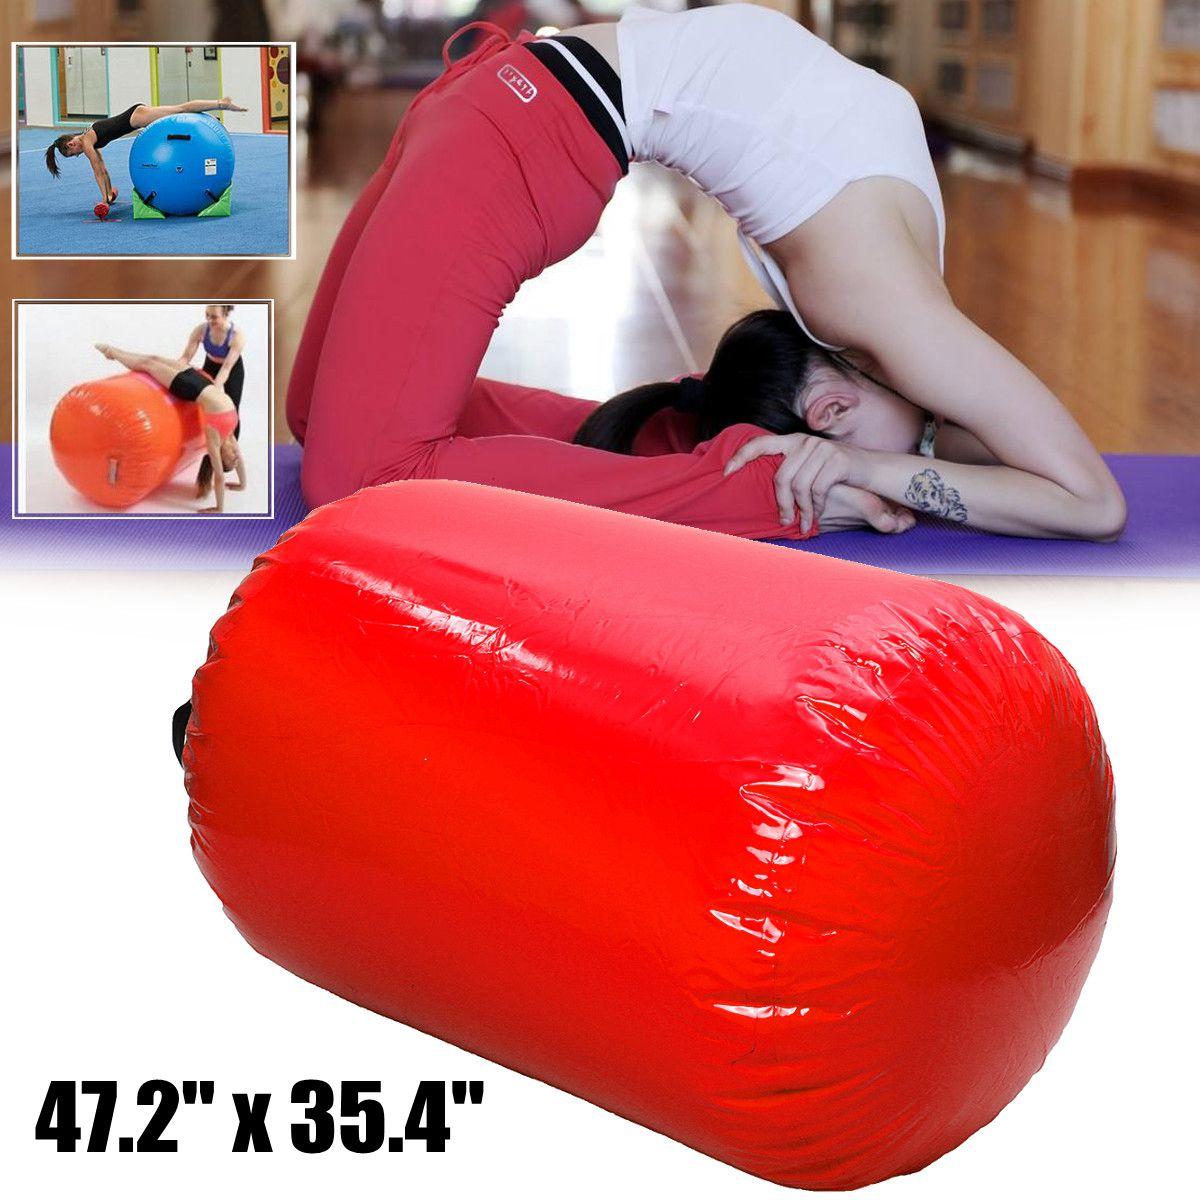 JIAINF 100x65/120x90 cm Air piste cylindre gymnastique exercice gonflable Tumbling piste pour enfants entraînement Gym inversé Backflip